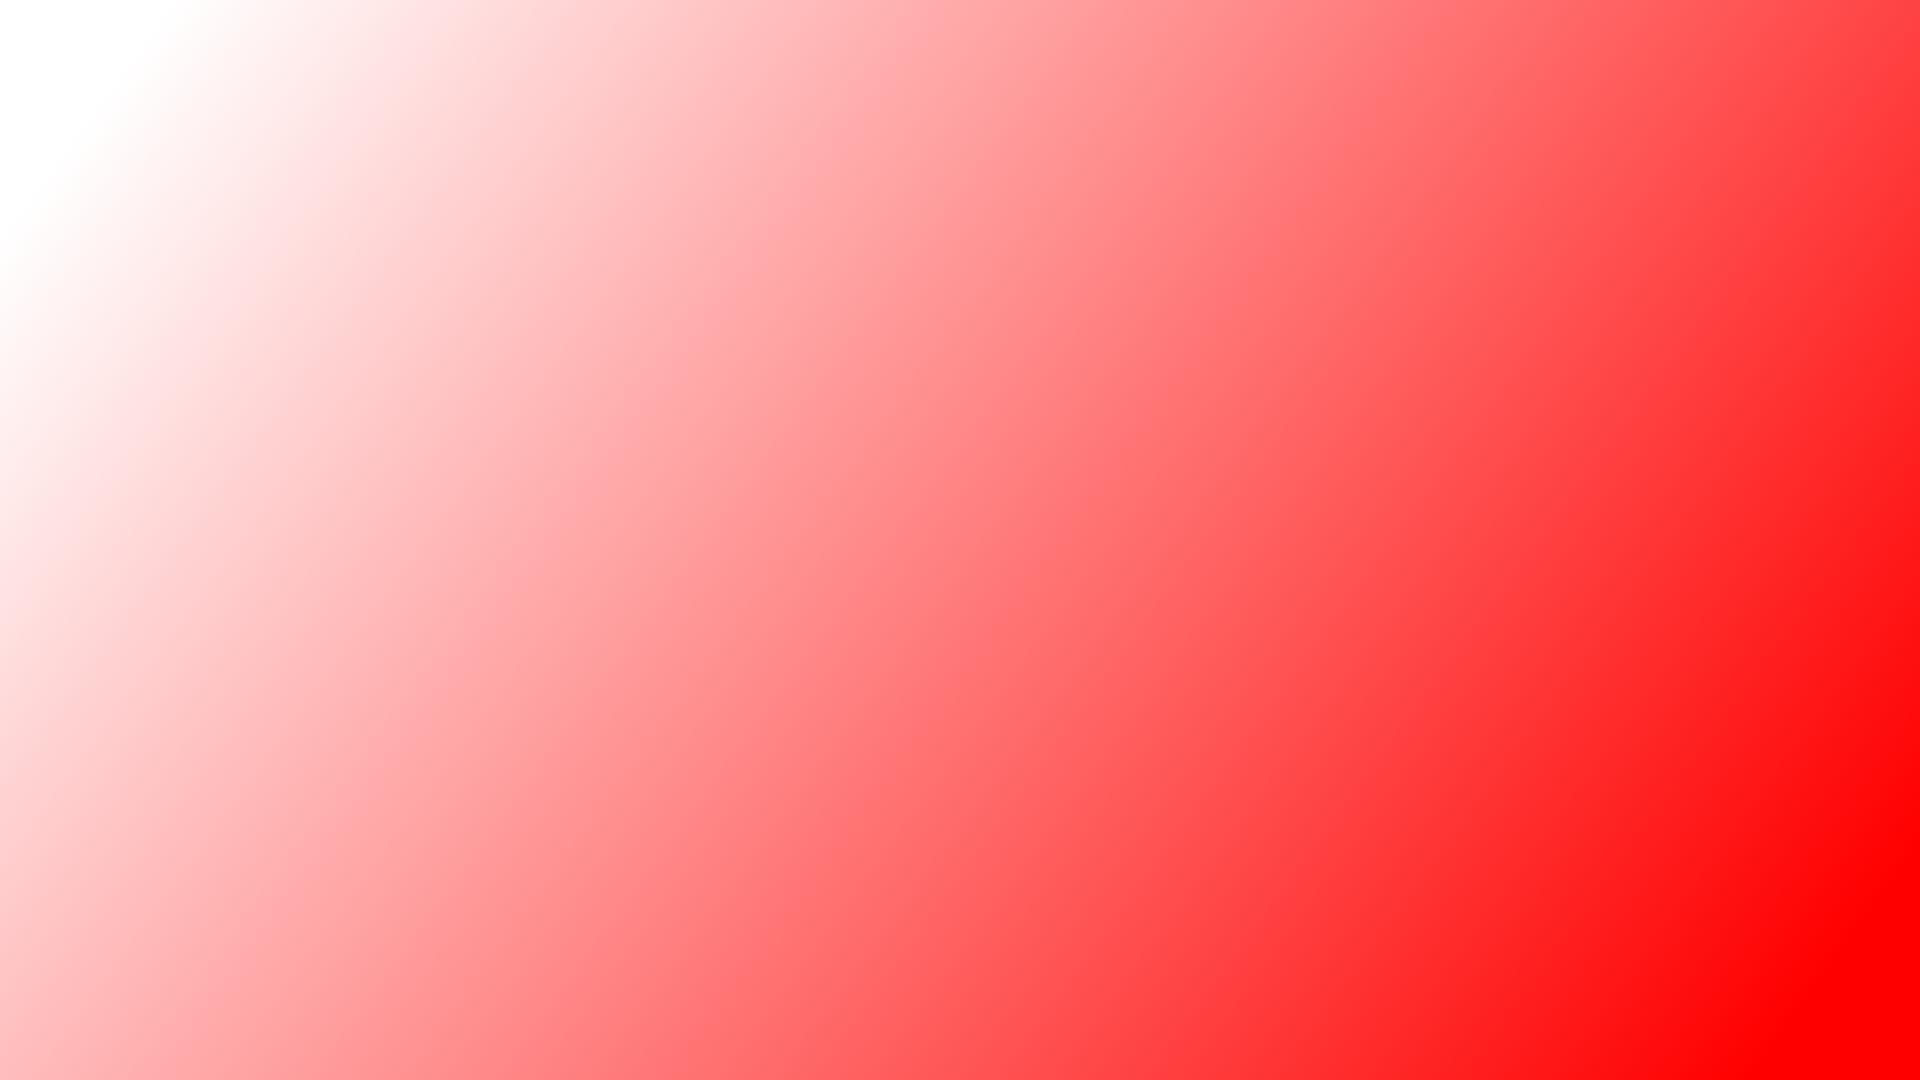 白色と赤色のグラデーション 壁紙 画像 エムズライファー